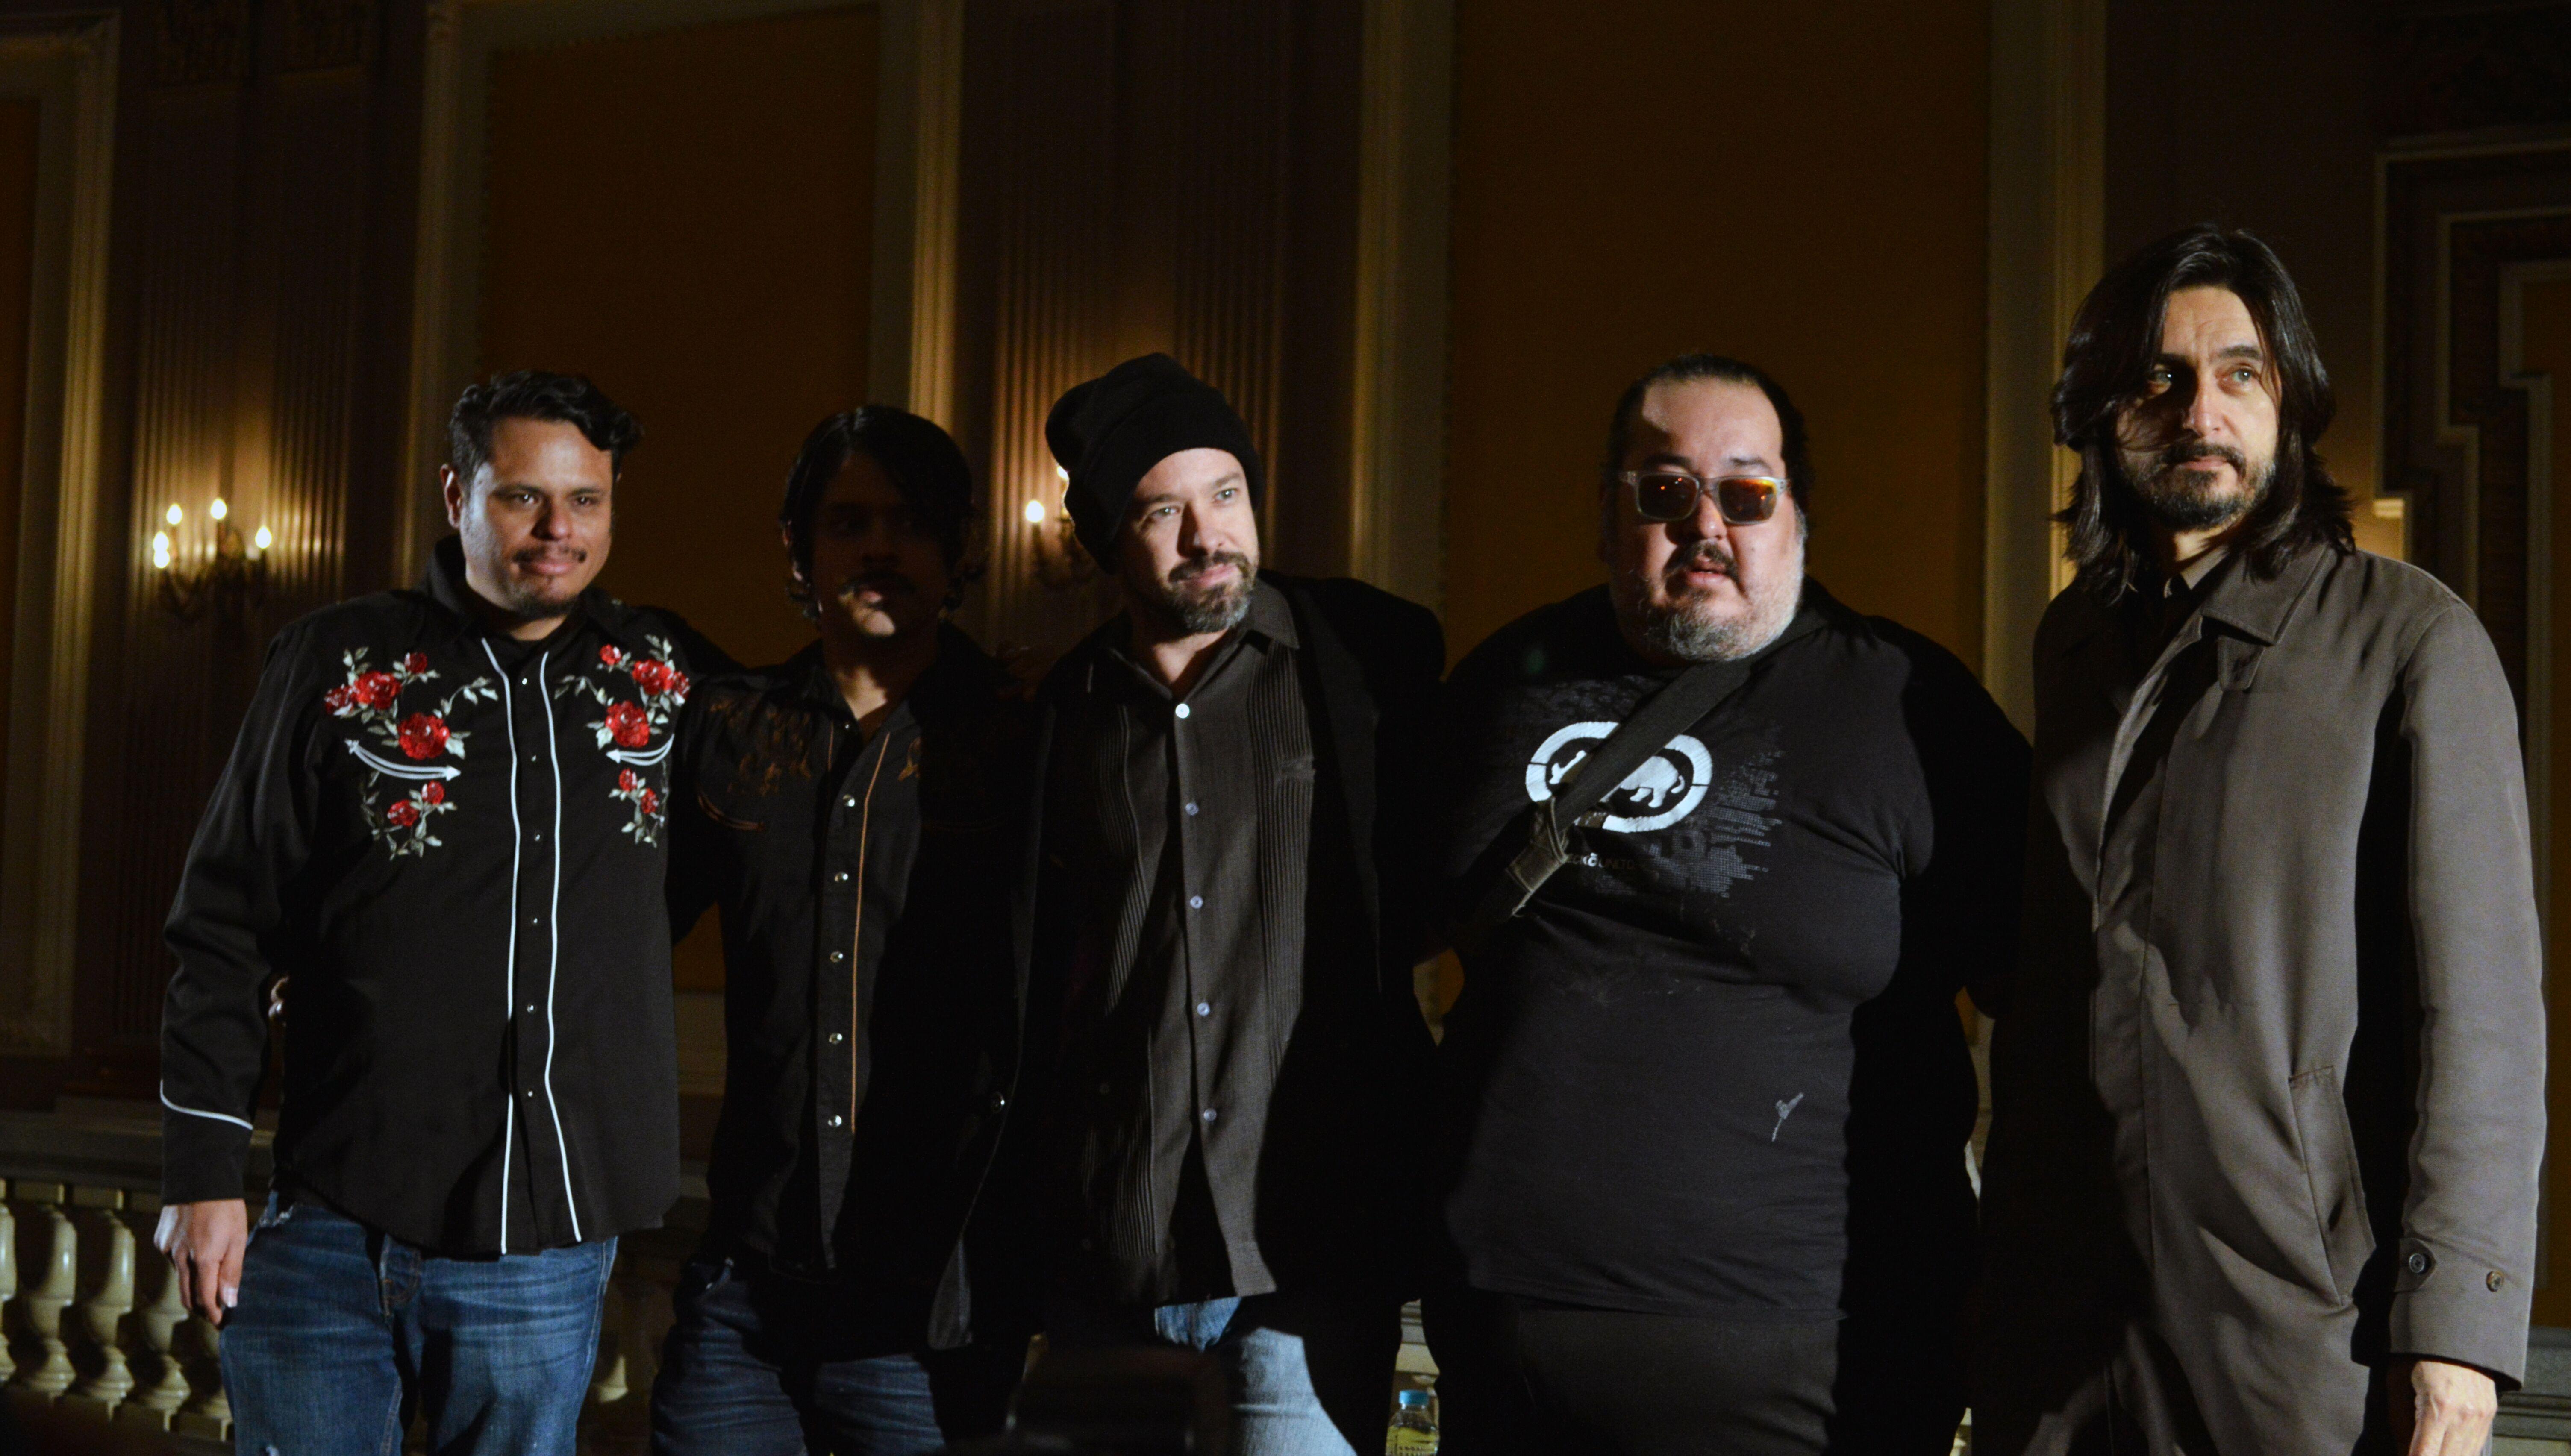 Expresando dolor, tristeza, pena, desamor y muerte a través de tres discos de estudio, un EP y uno en vivo, San Pascualito Rey (SPR) se erige como uno de los máximos exponentes del rock mexicano.